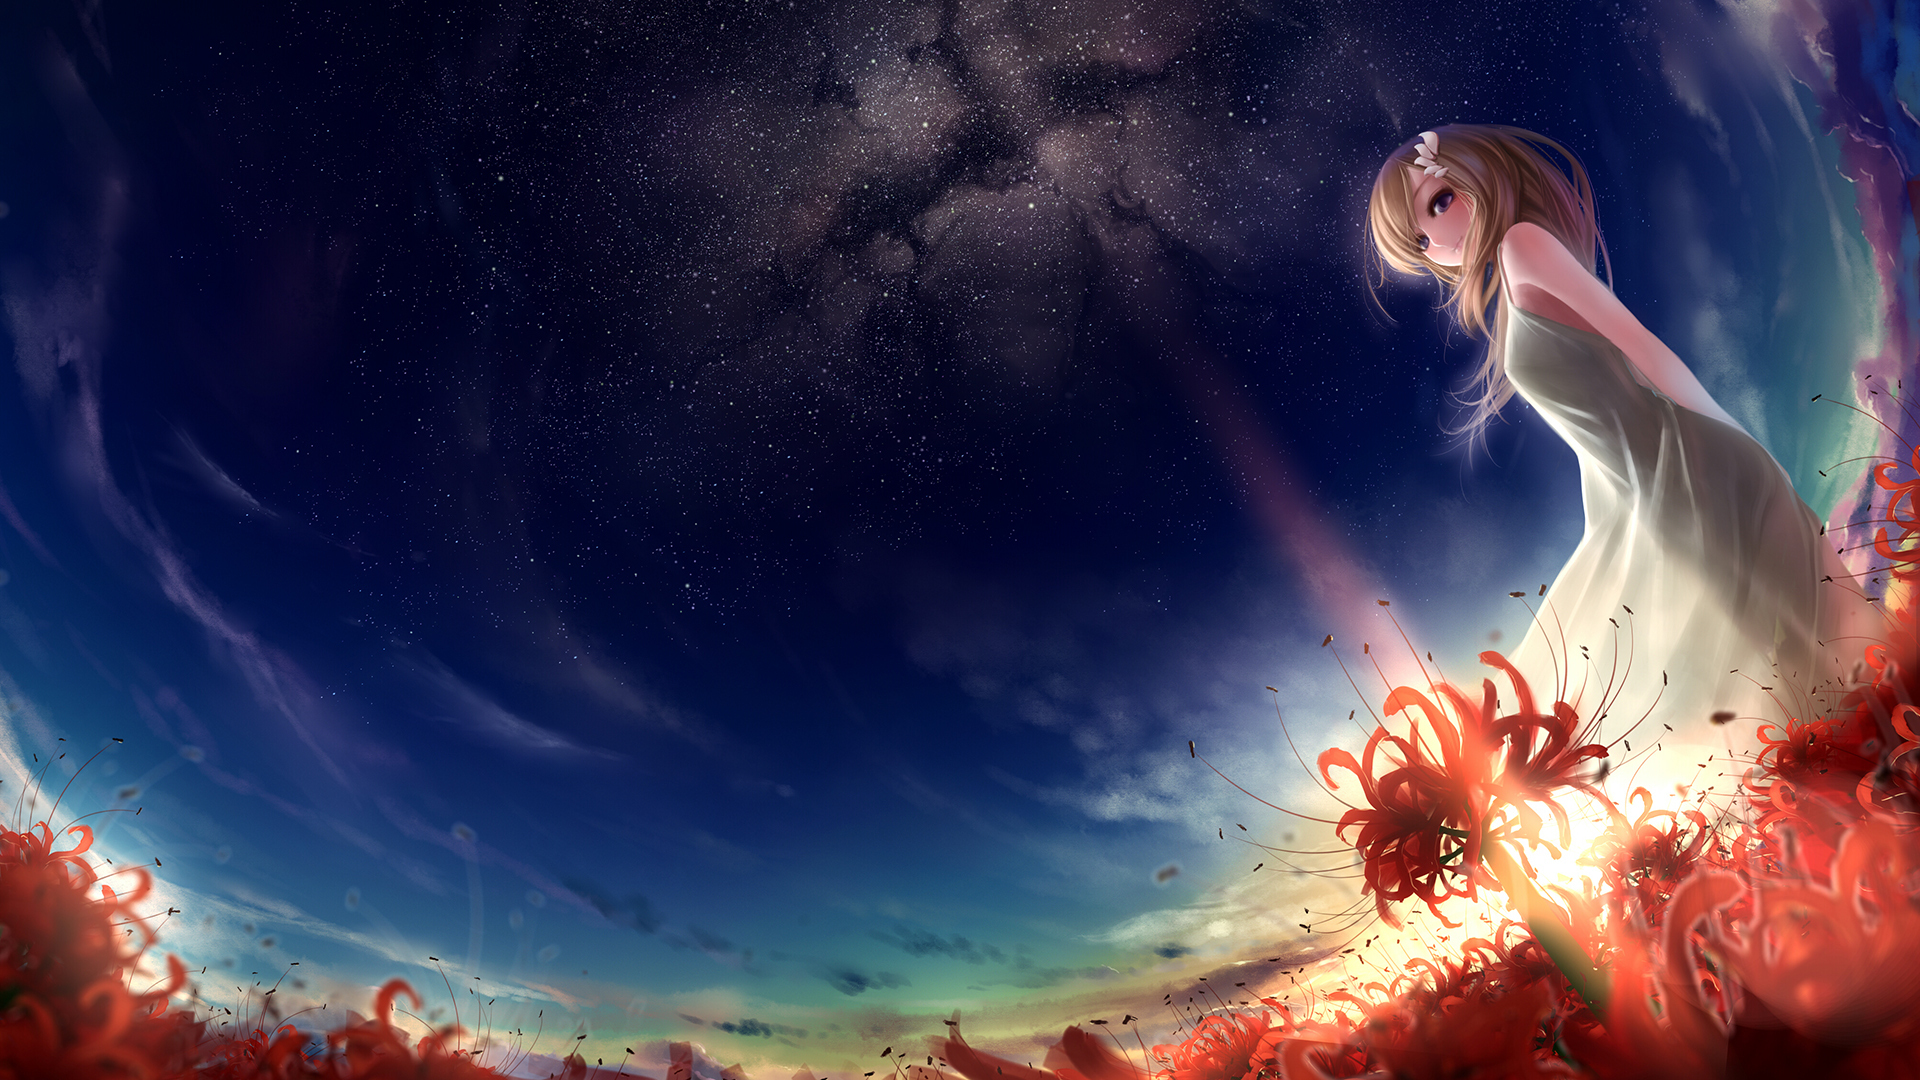 88+ Anime Sky Wallpapers on WallpaperSafari